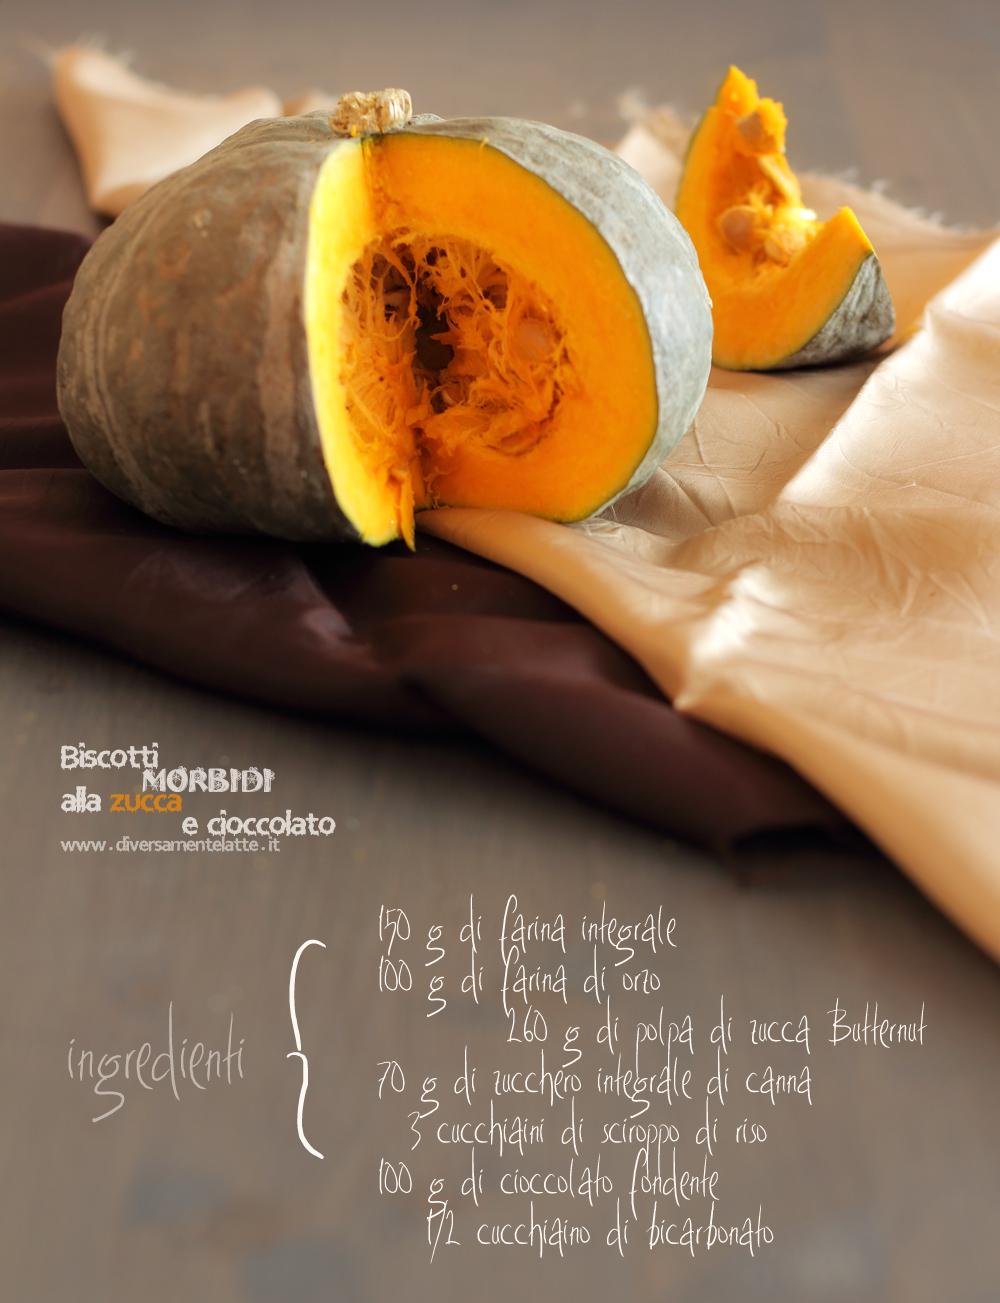 ingredienti biscotti morbidi alla zucca e cioccolato